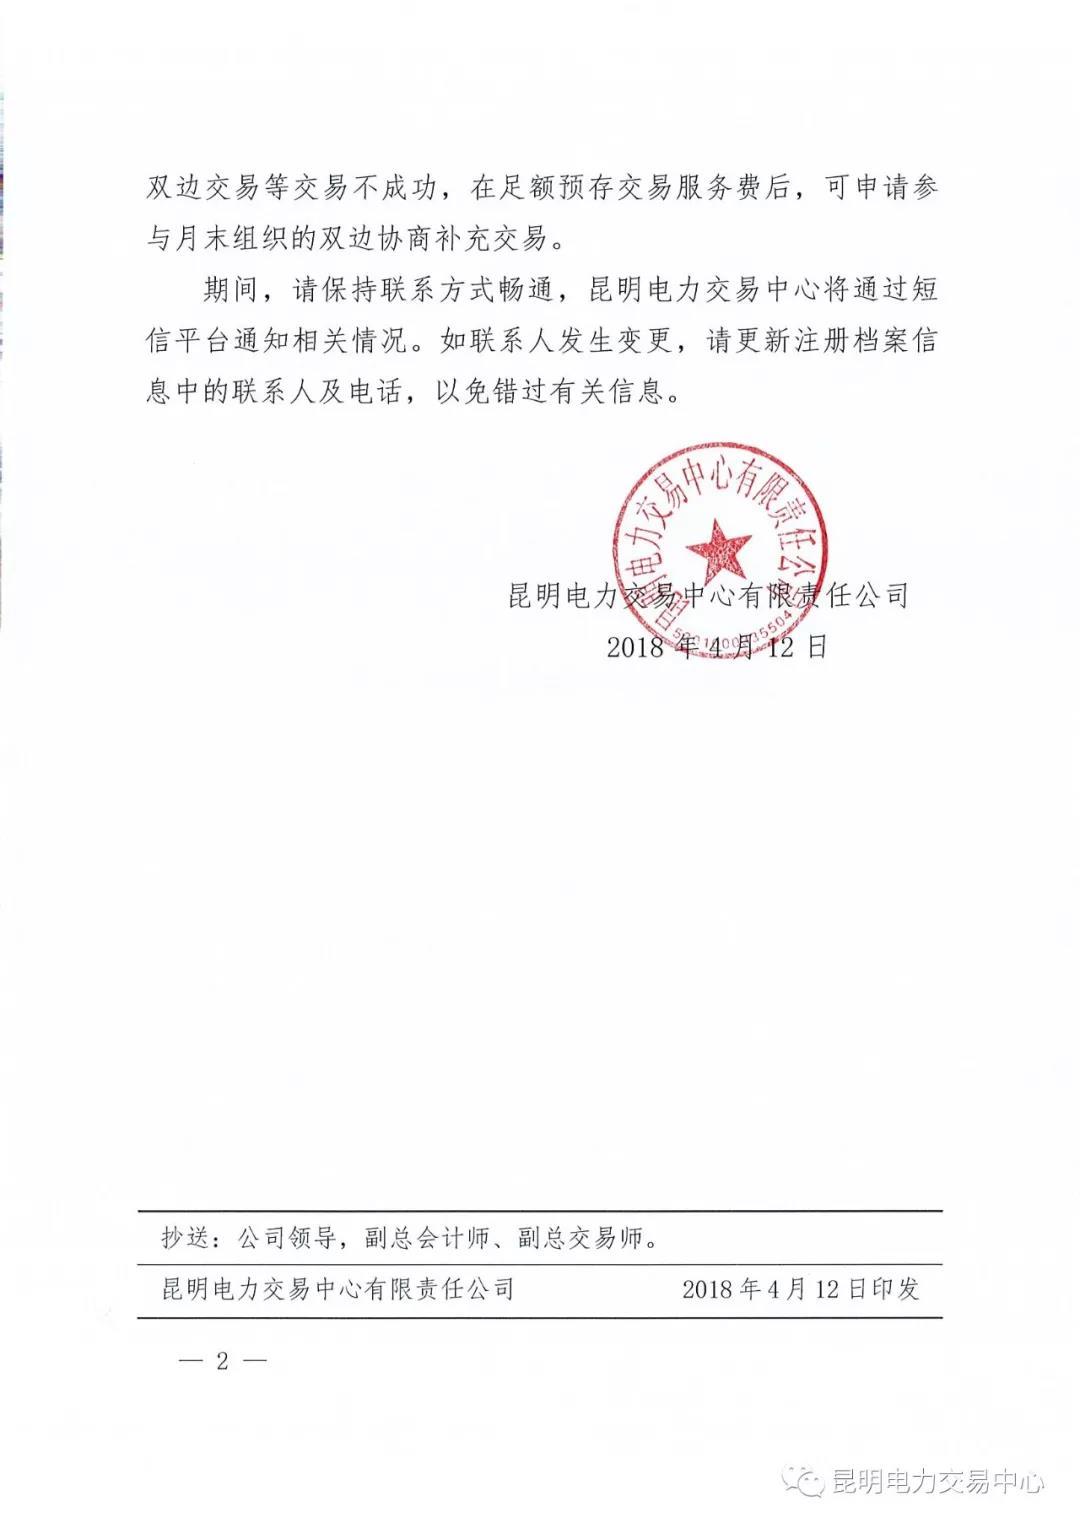 云南电力市场风险提示书(2018年2号)